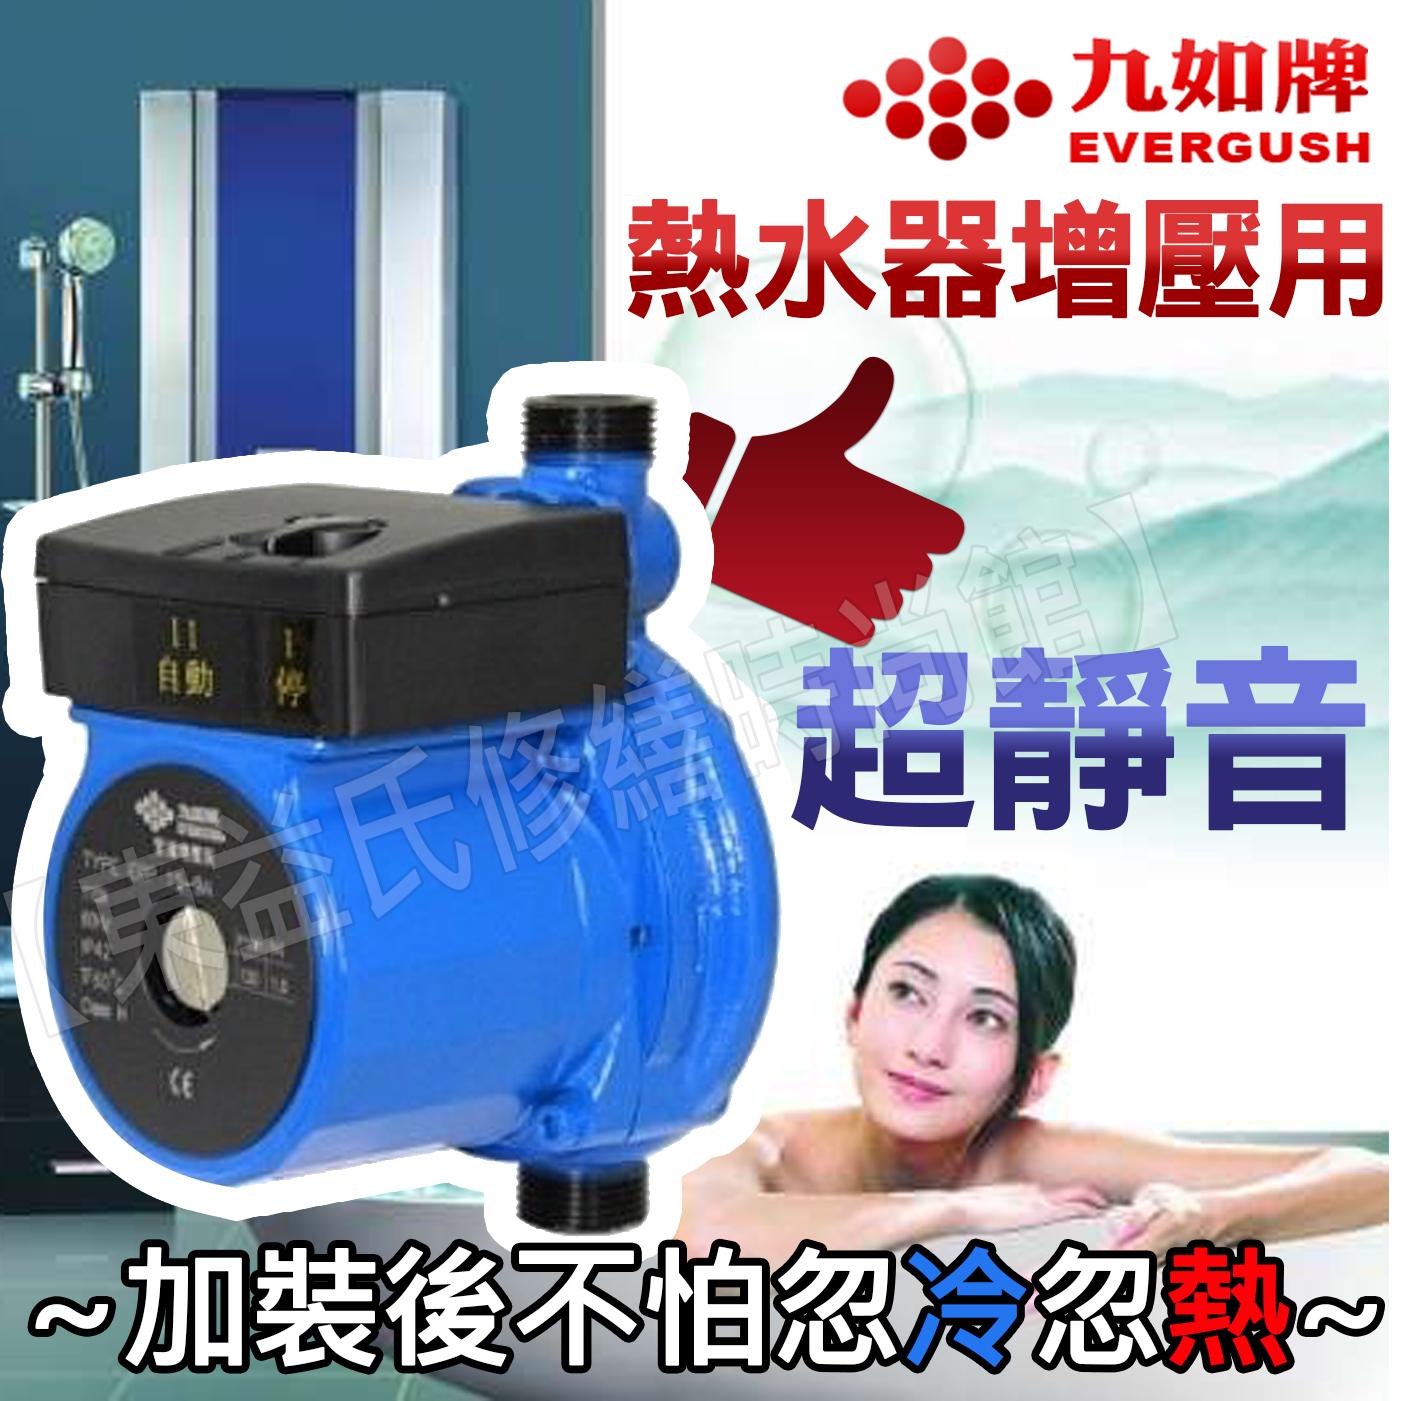 九如牌 ERP15-9A 熱水器 管道增壓泵110V/220V通用 加壓機/加壓馬達/加壓泵浦【東益氏】水電材料售 大井牌